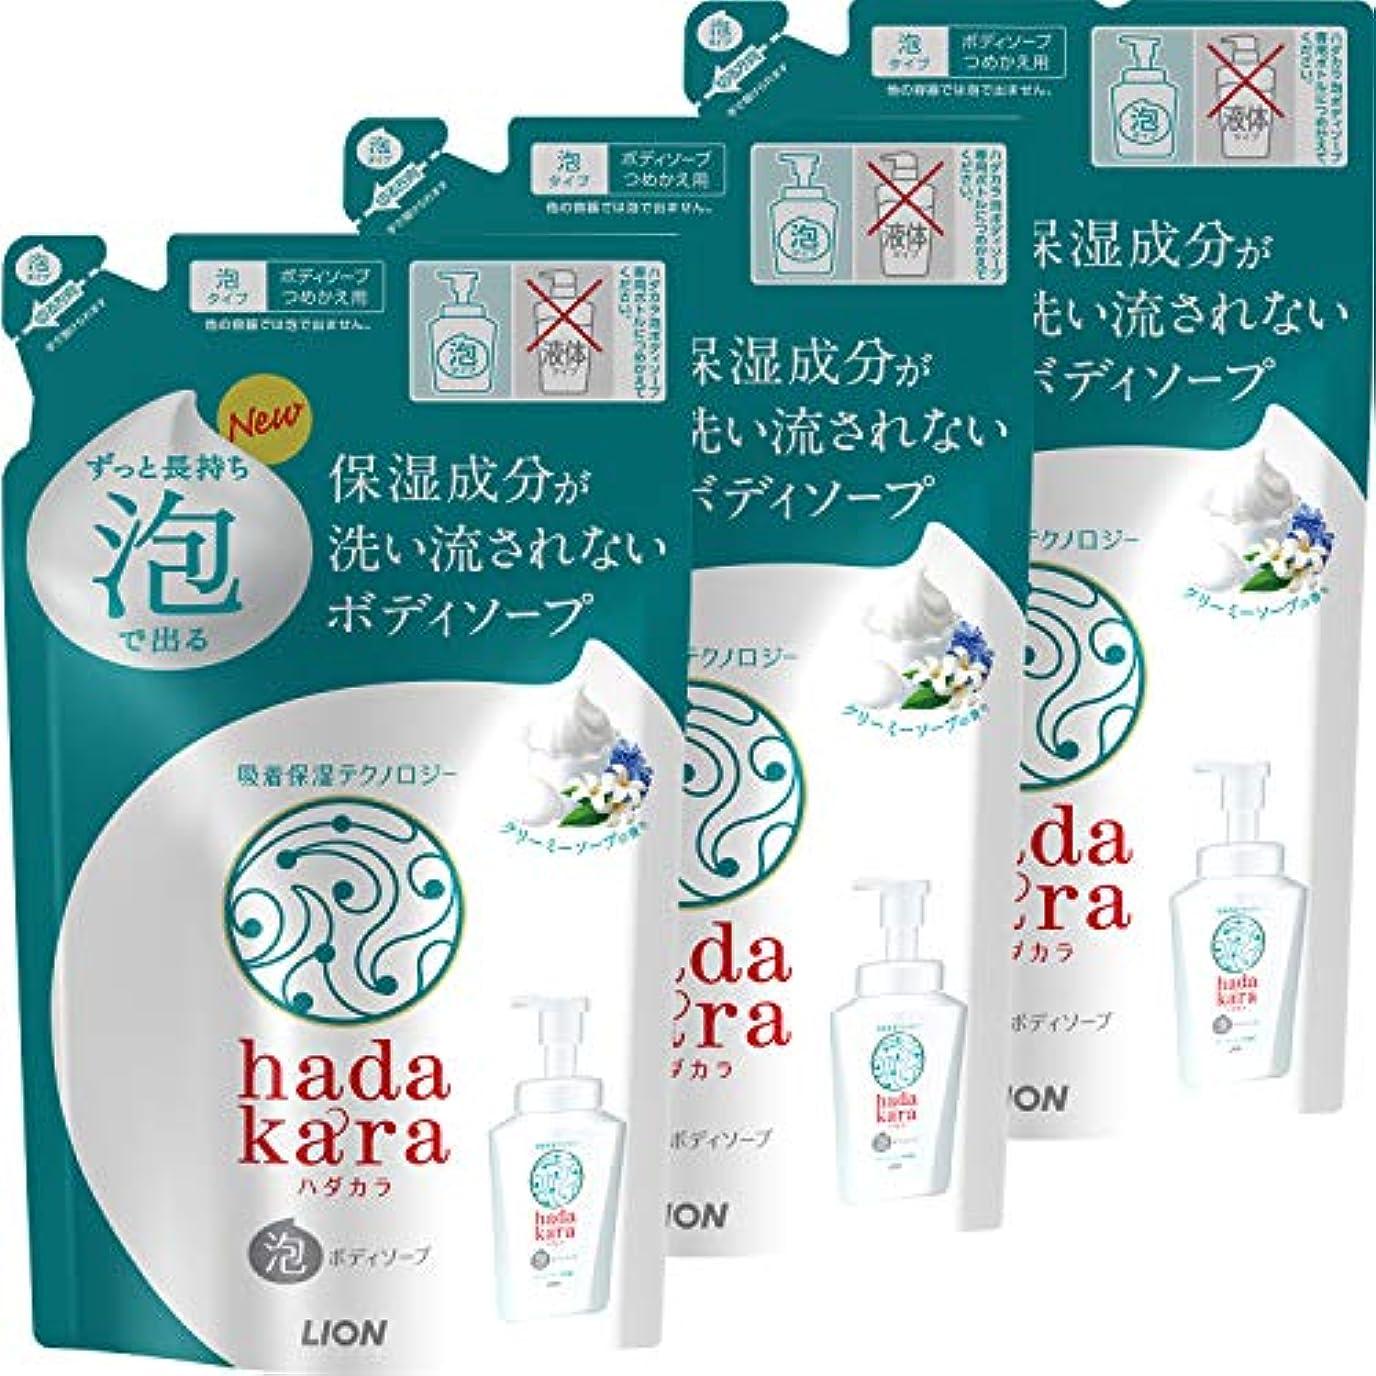 集団祝福サンダルhadakara(ハダカラ) ボディソープ 泡タイプ クリーミーソープの香り 詰替440ml×3個